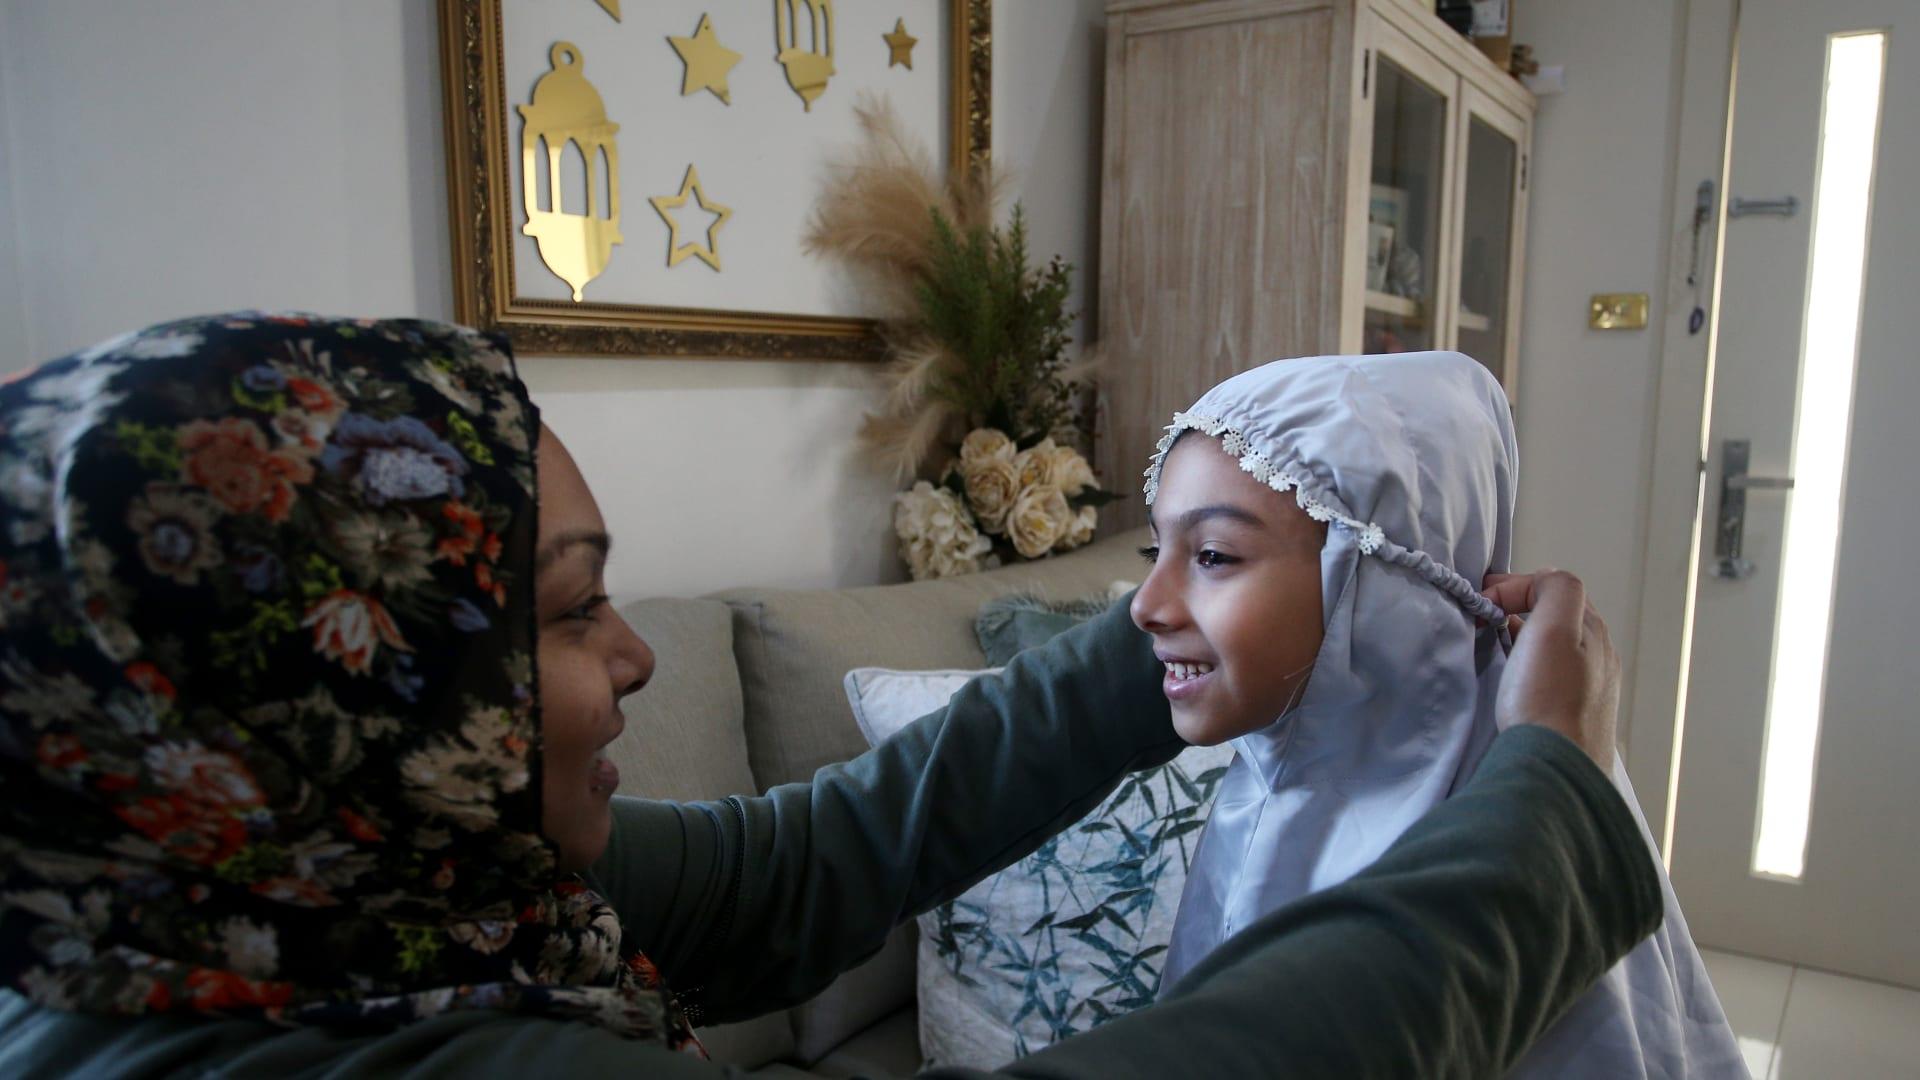 رمضان استثنائي يمر على العالم.. كيف تعايش الصائمون مع فيروس كورونا في هذا الشهر؟